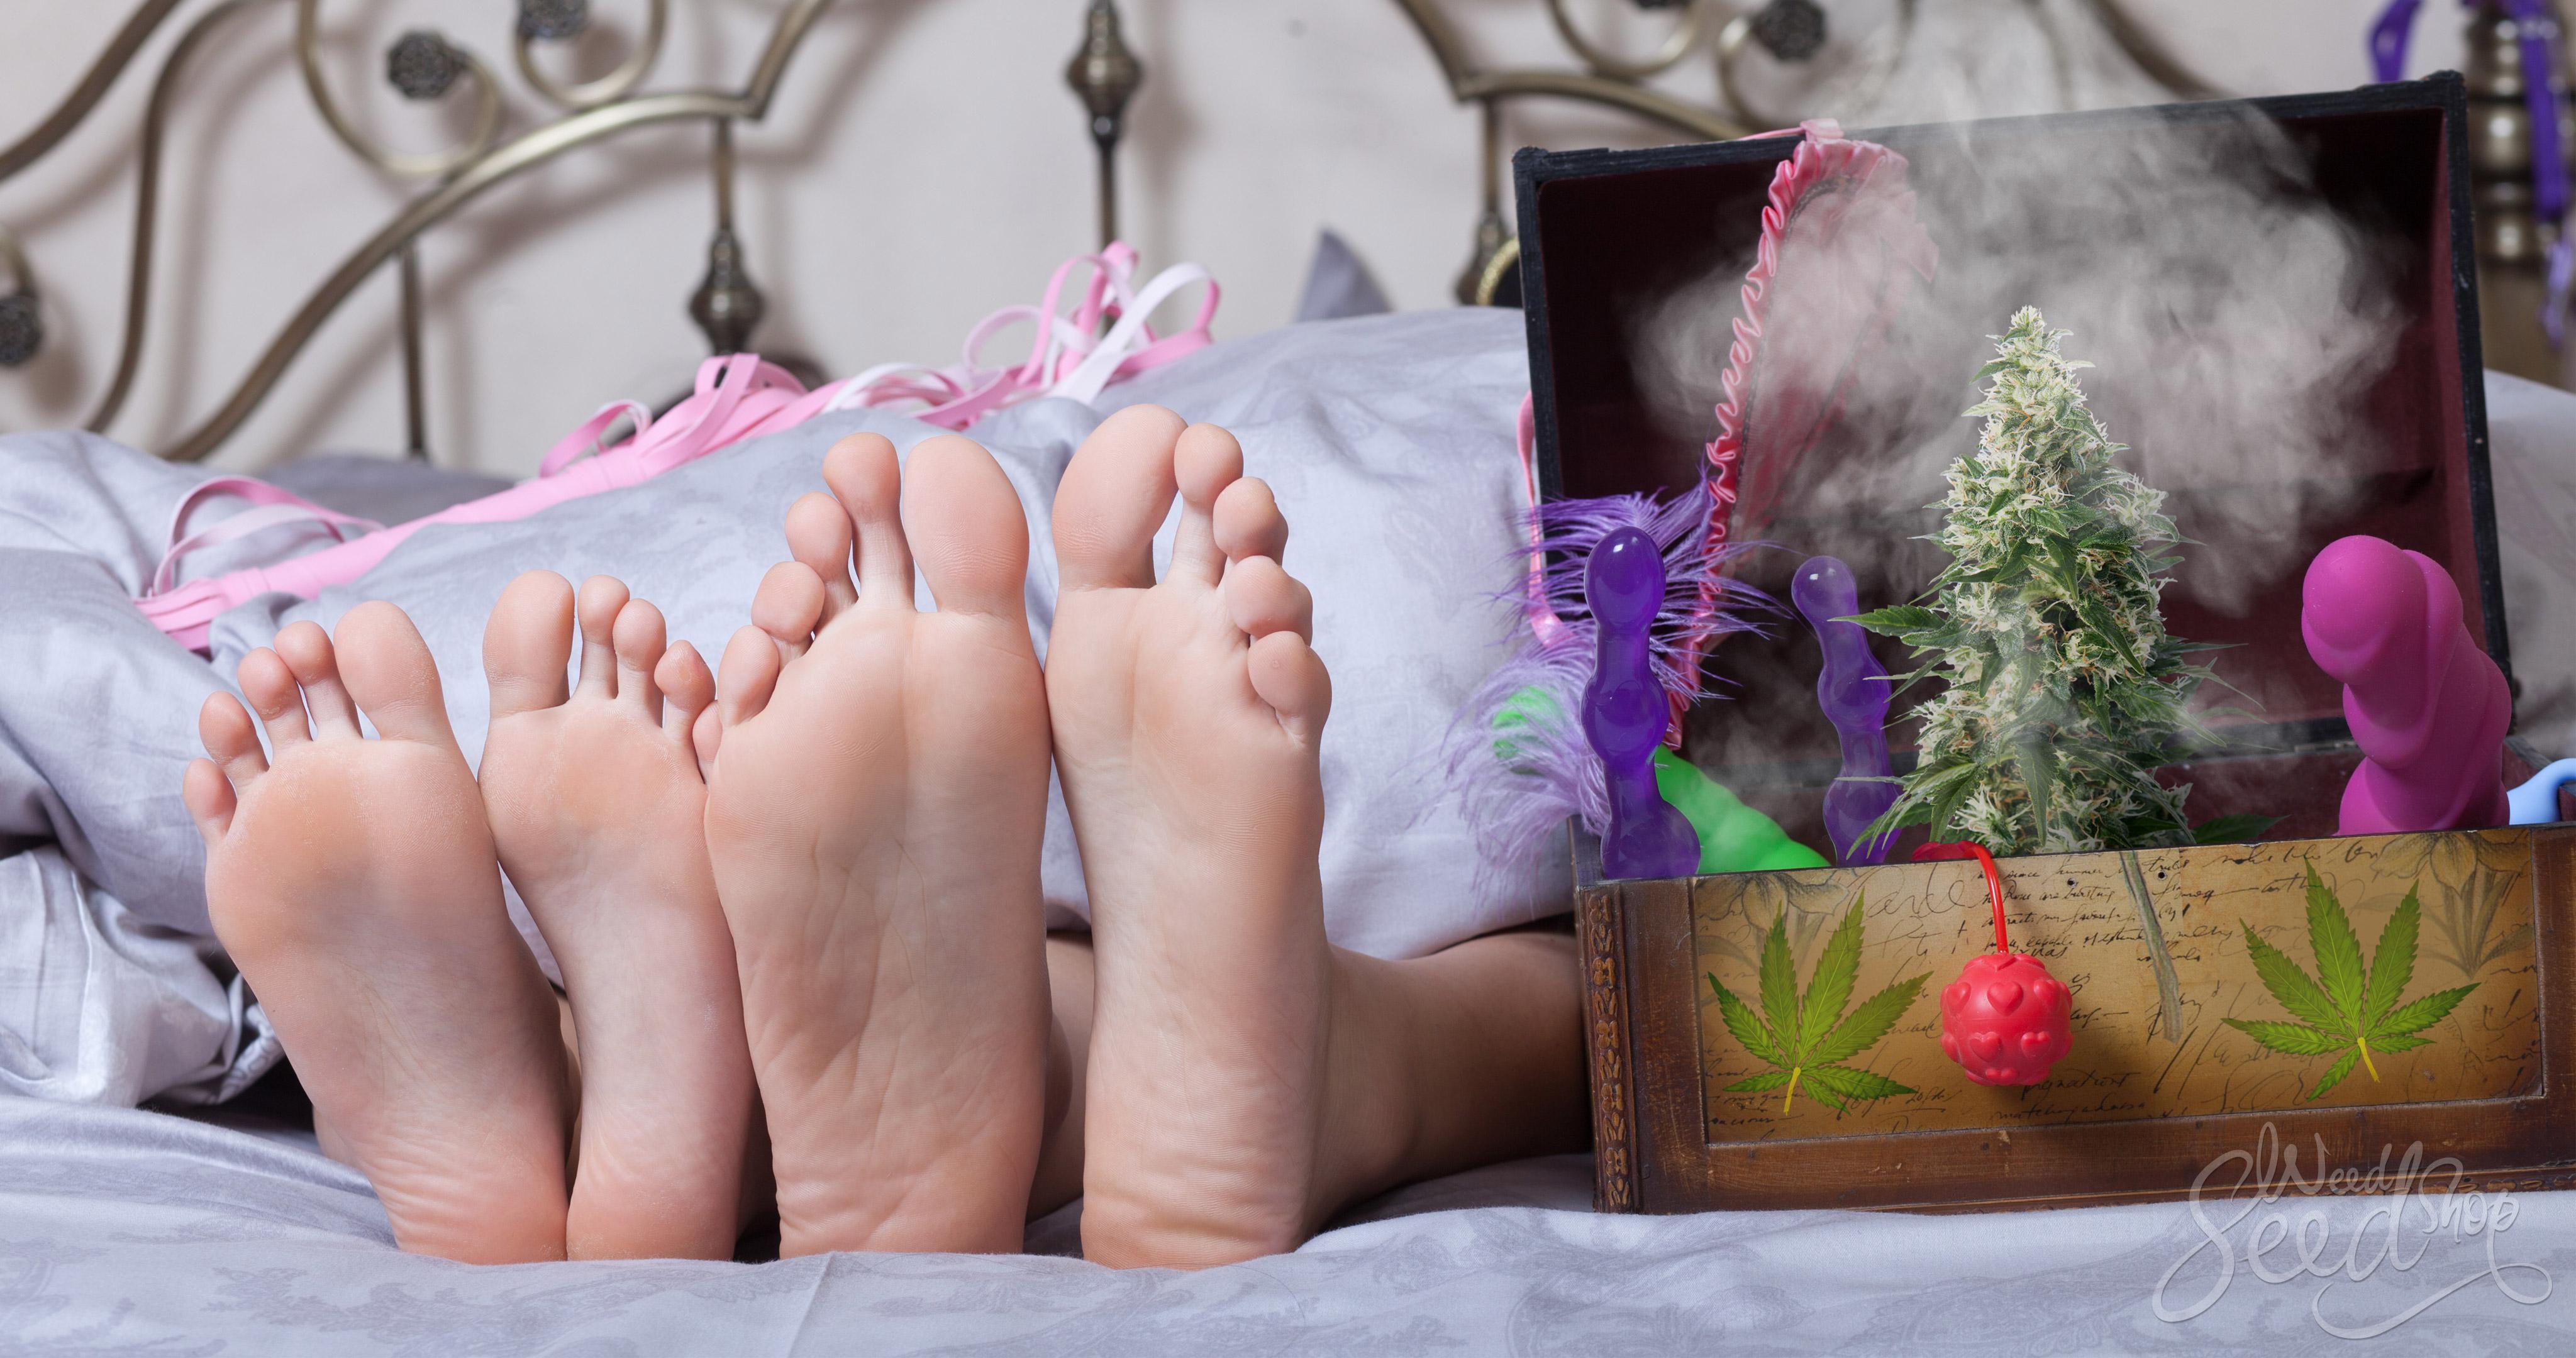 Een trio met Mary Jane – Top 5 Wiet-producten voor een spicy seksleven - WeedSeedShop Blog